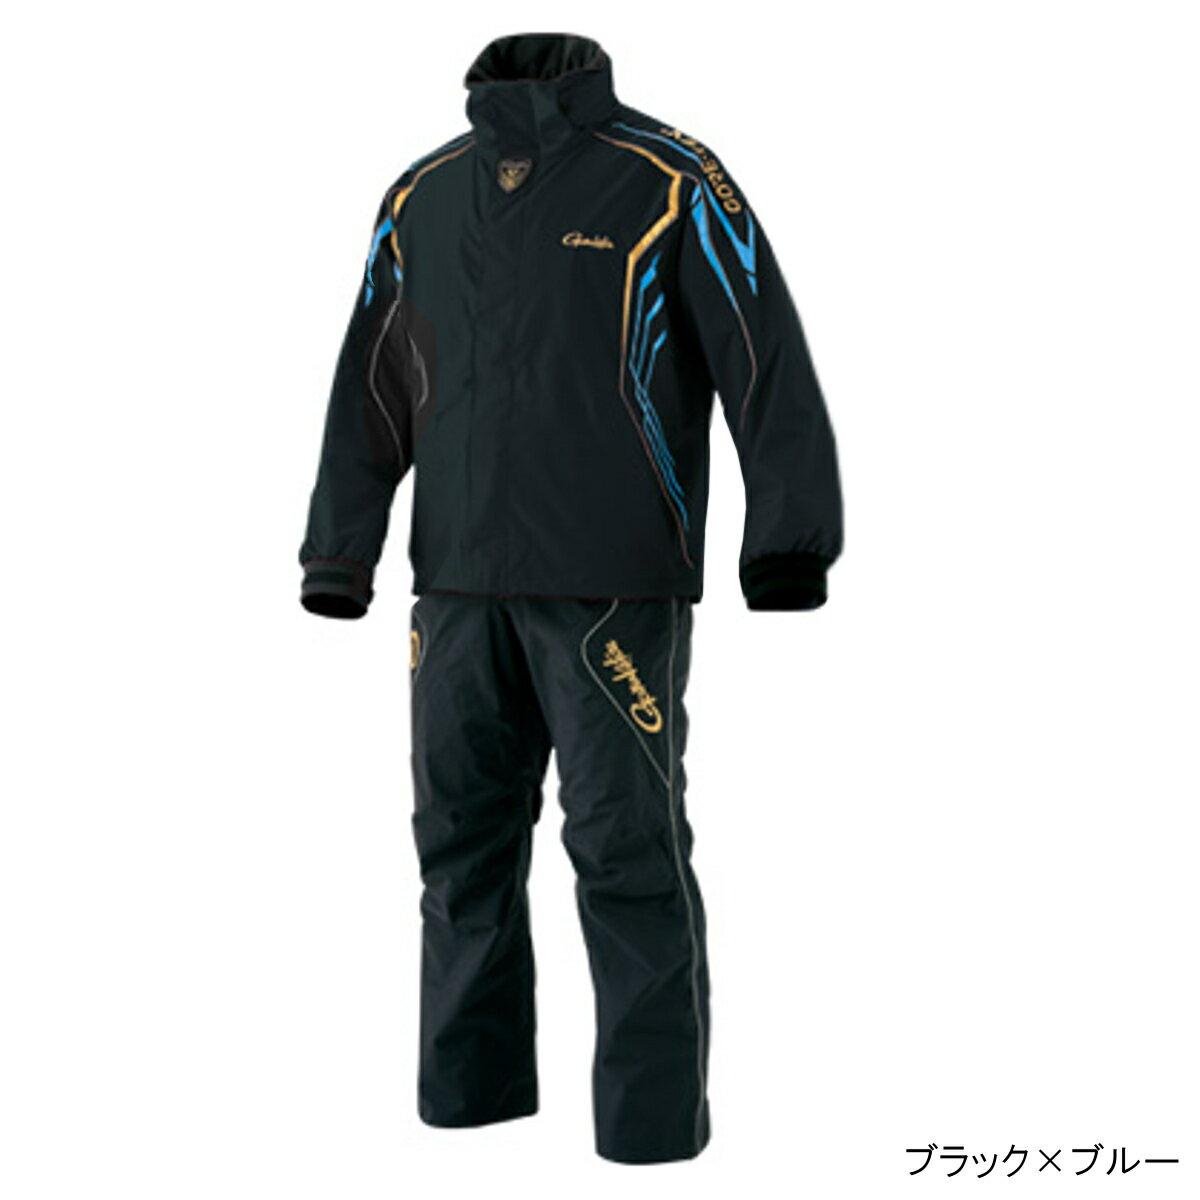 ゴアテックス レインスーツ GM-3500 M ブラック×ブルー【送料無料】